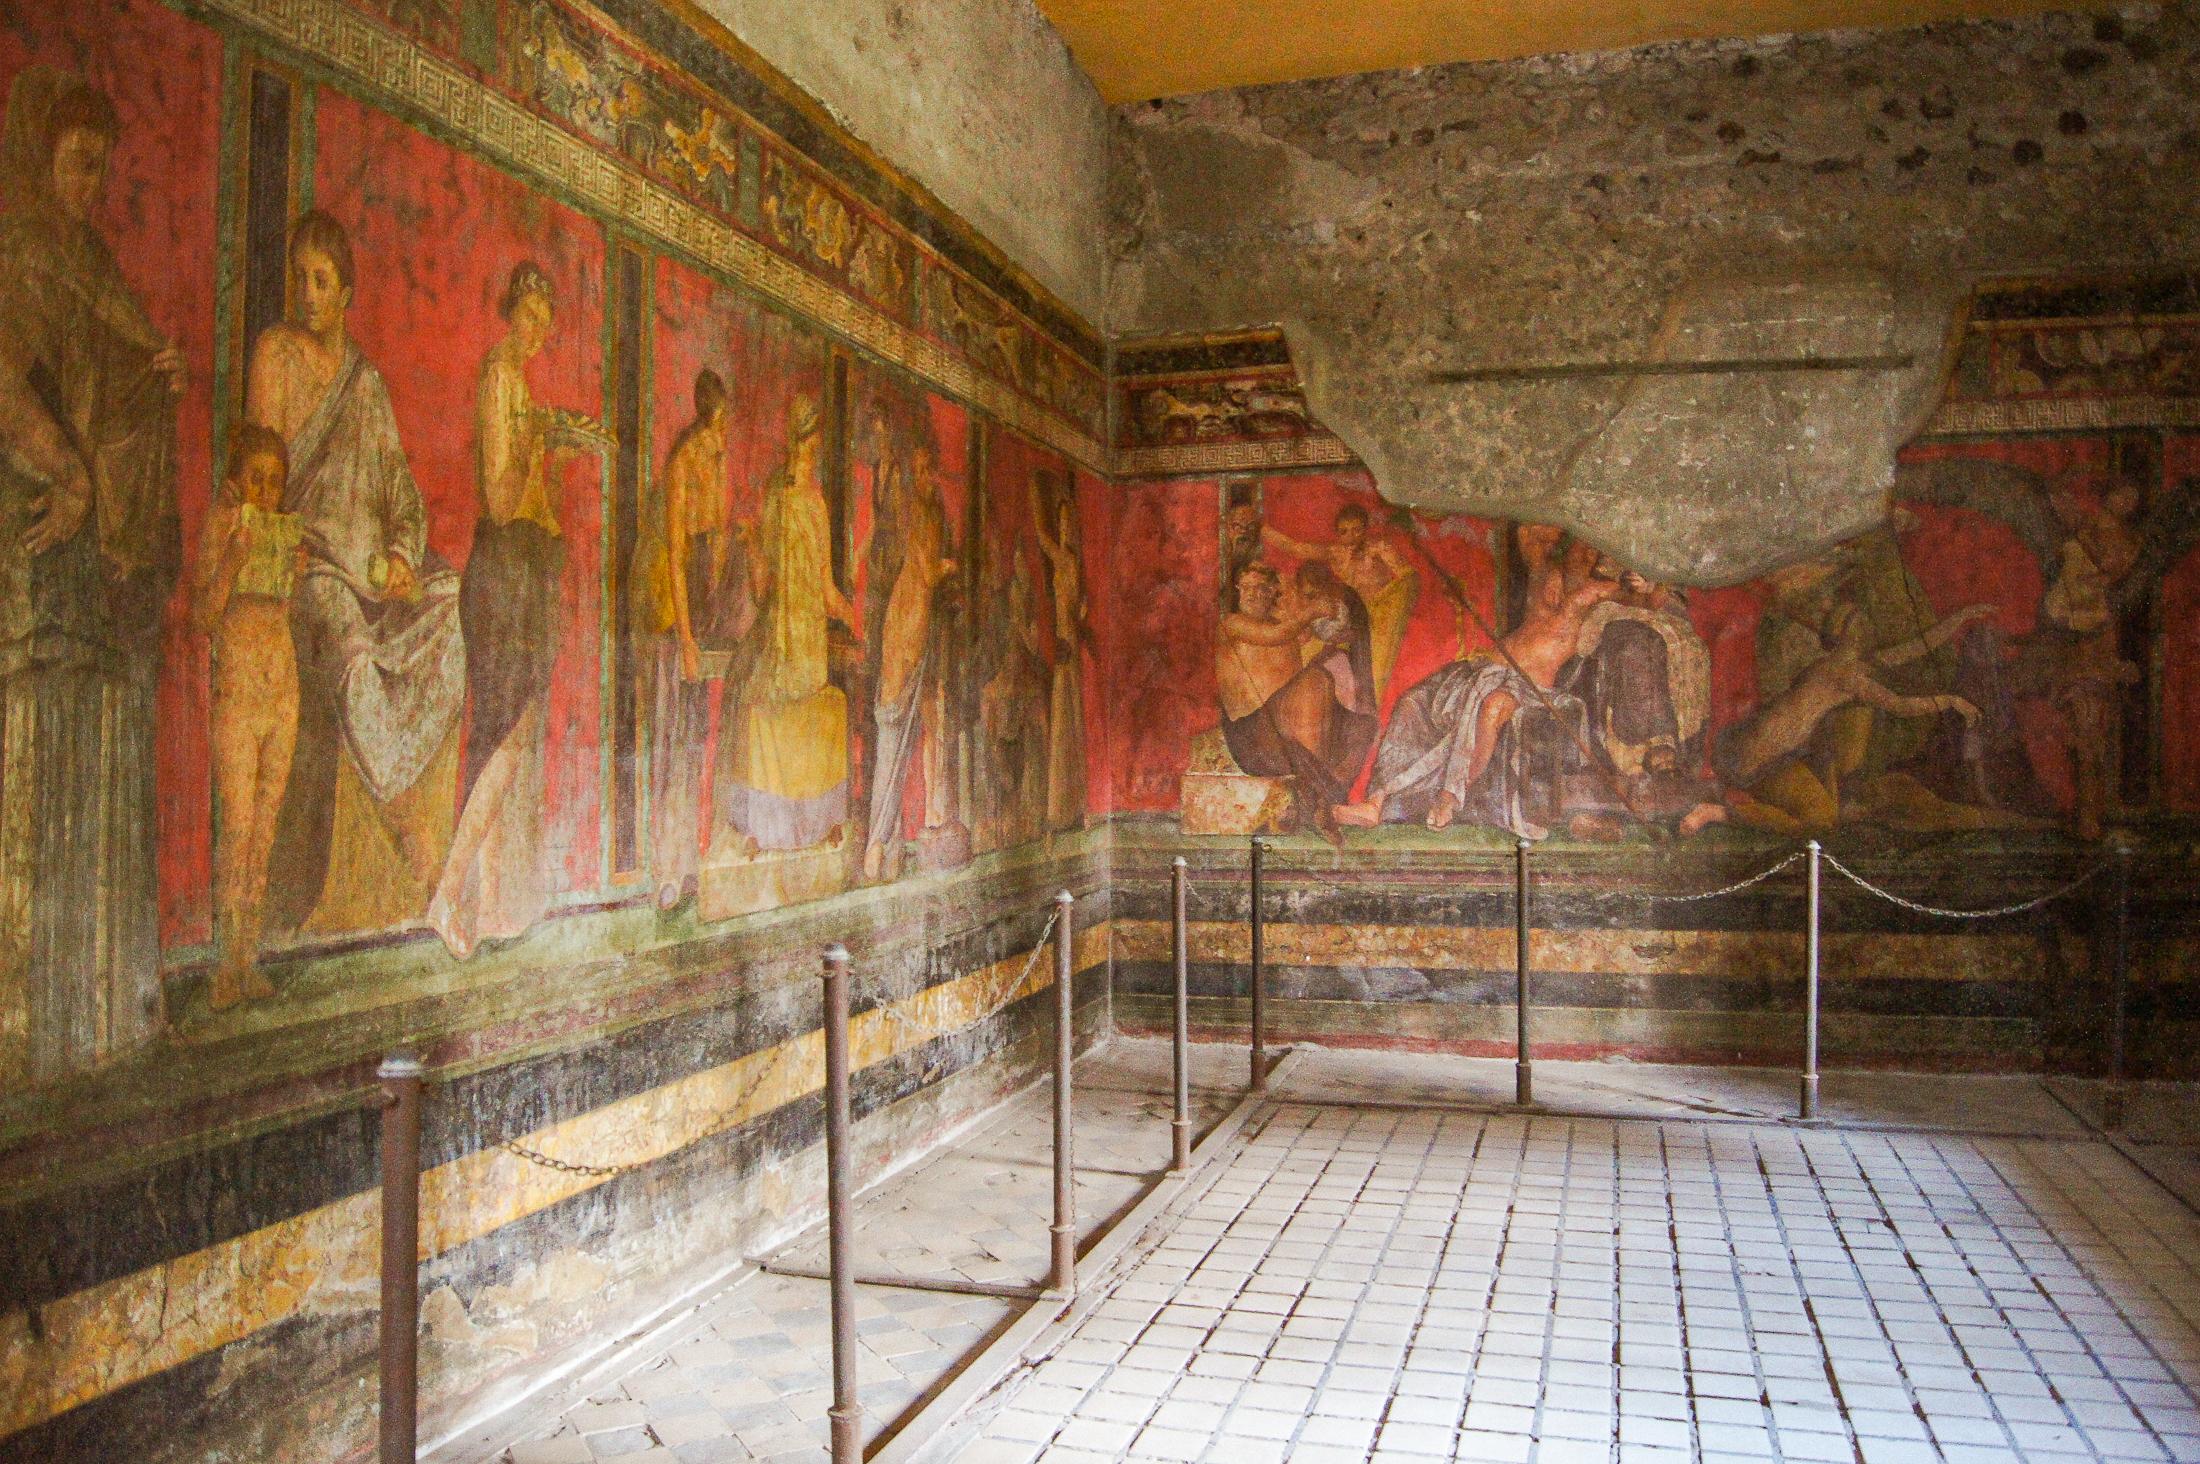 En stor väggmålning som delvis flagnat.